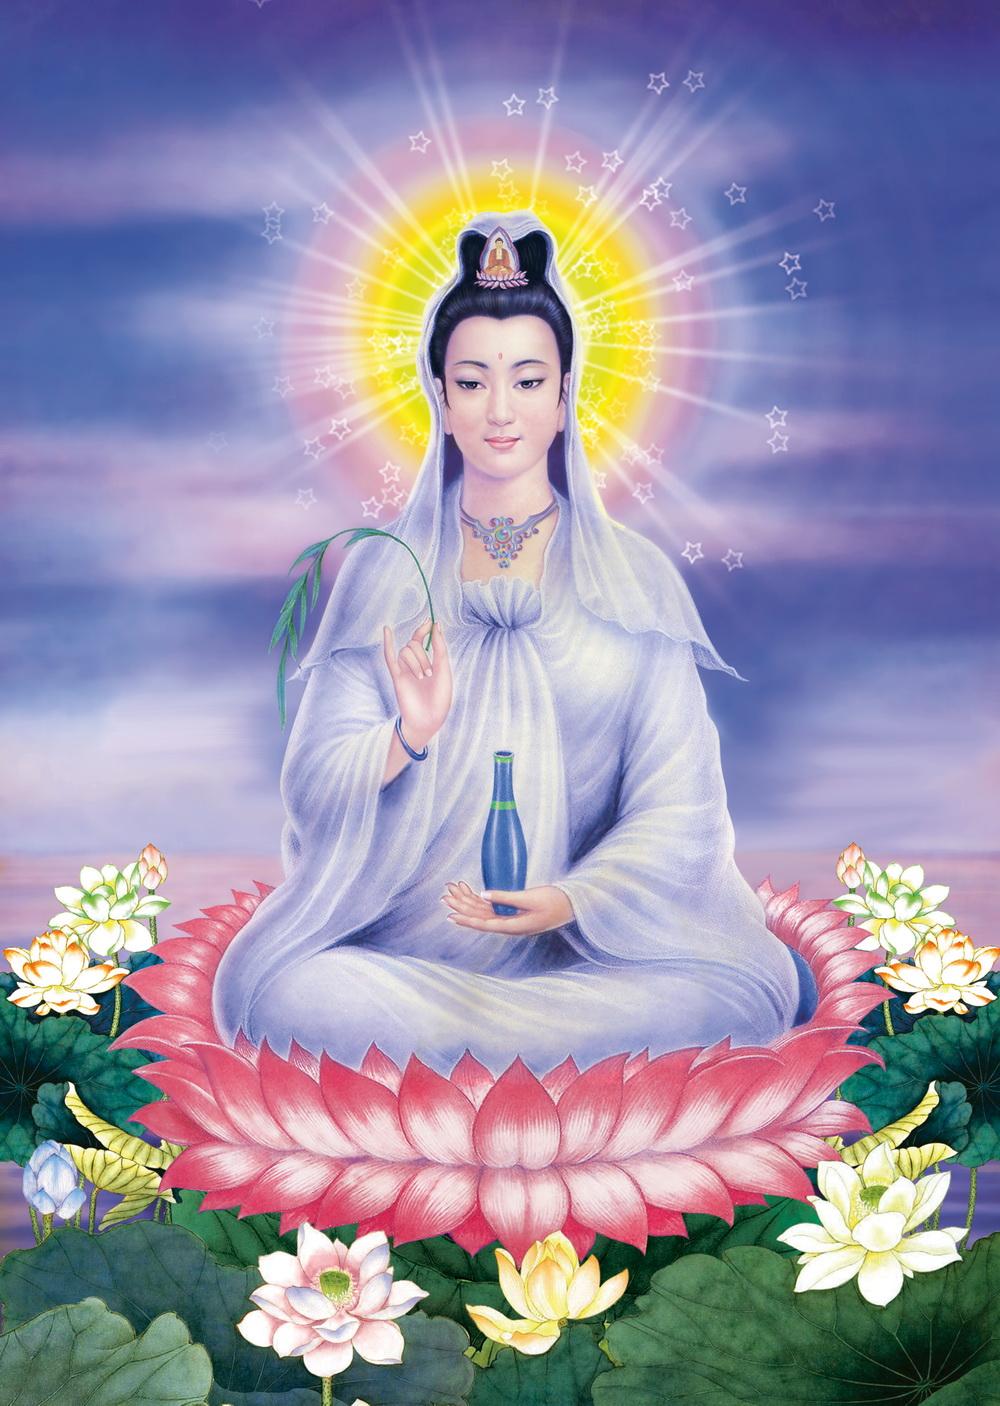 Hình ảnh Đức Phật Quan Thế Âm Bồ Tát đẹp